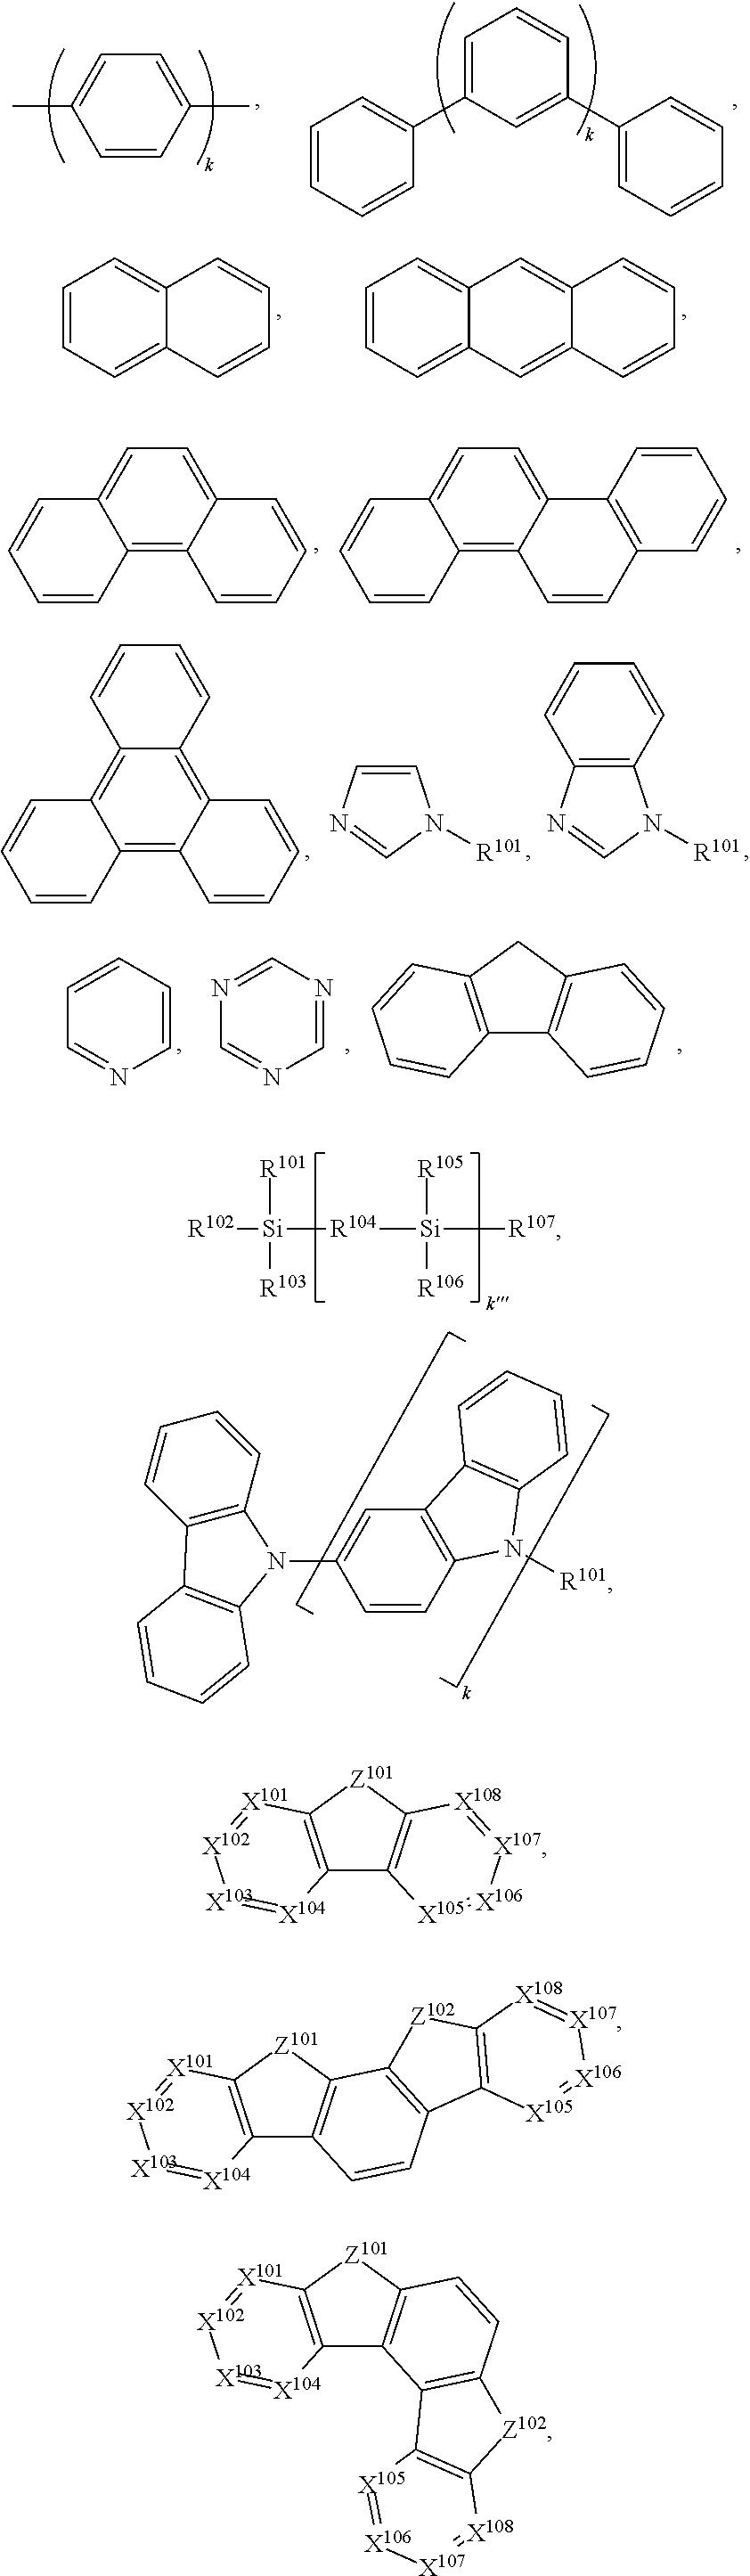 Figure US20180076393A1-20180315-C00082